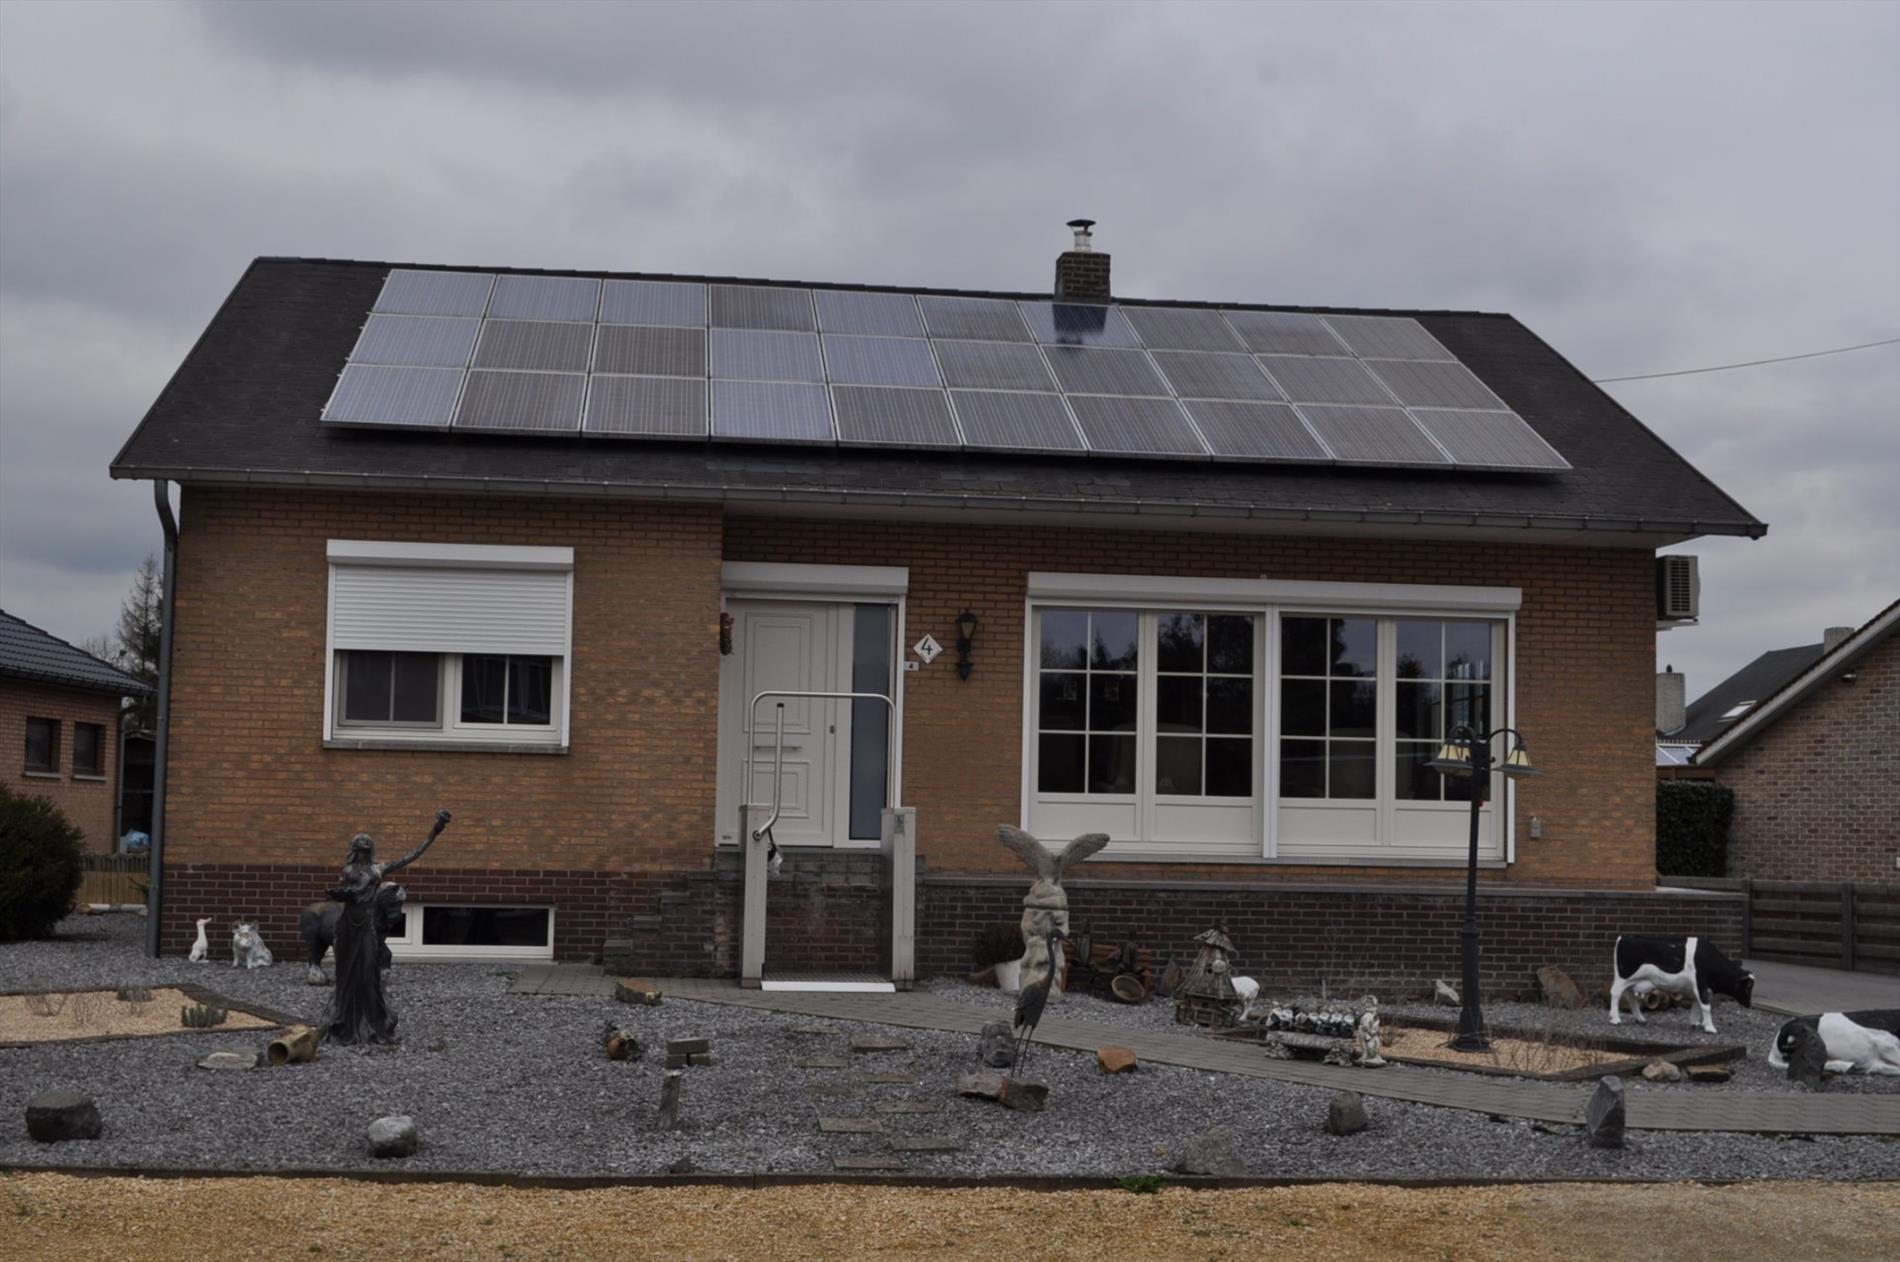 Instapklare woning in rustige groene omgeving.